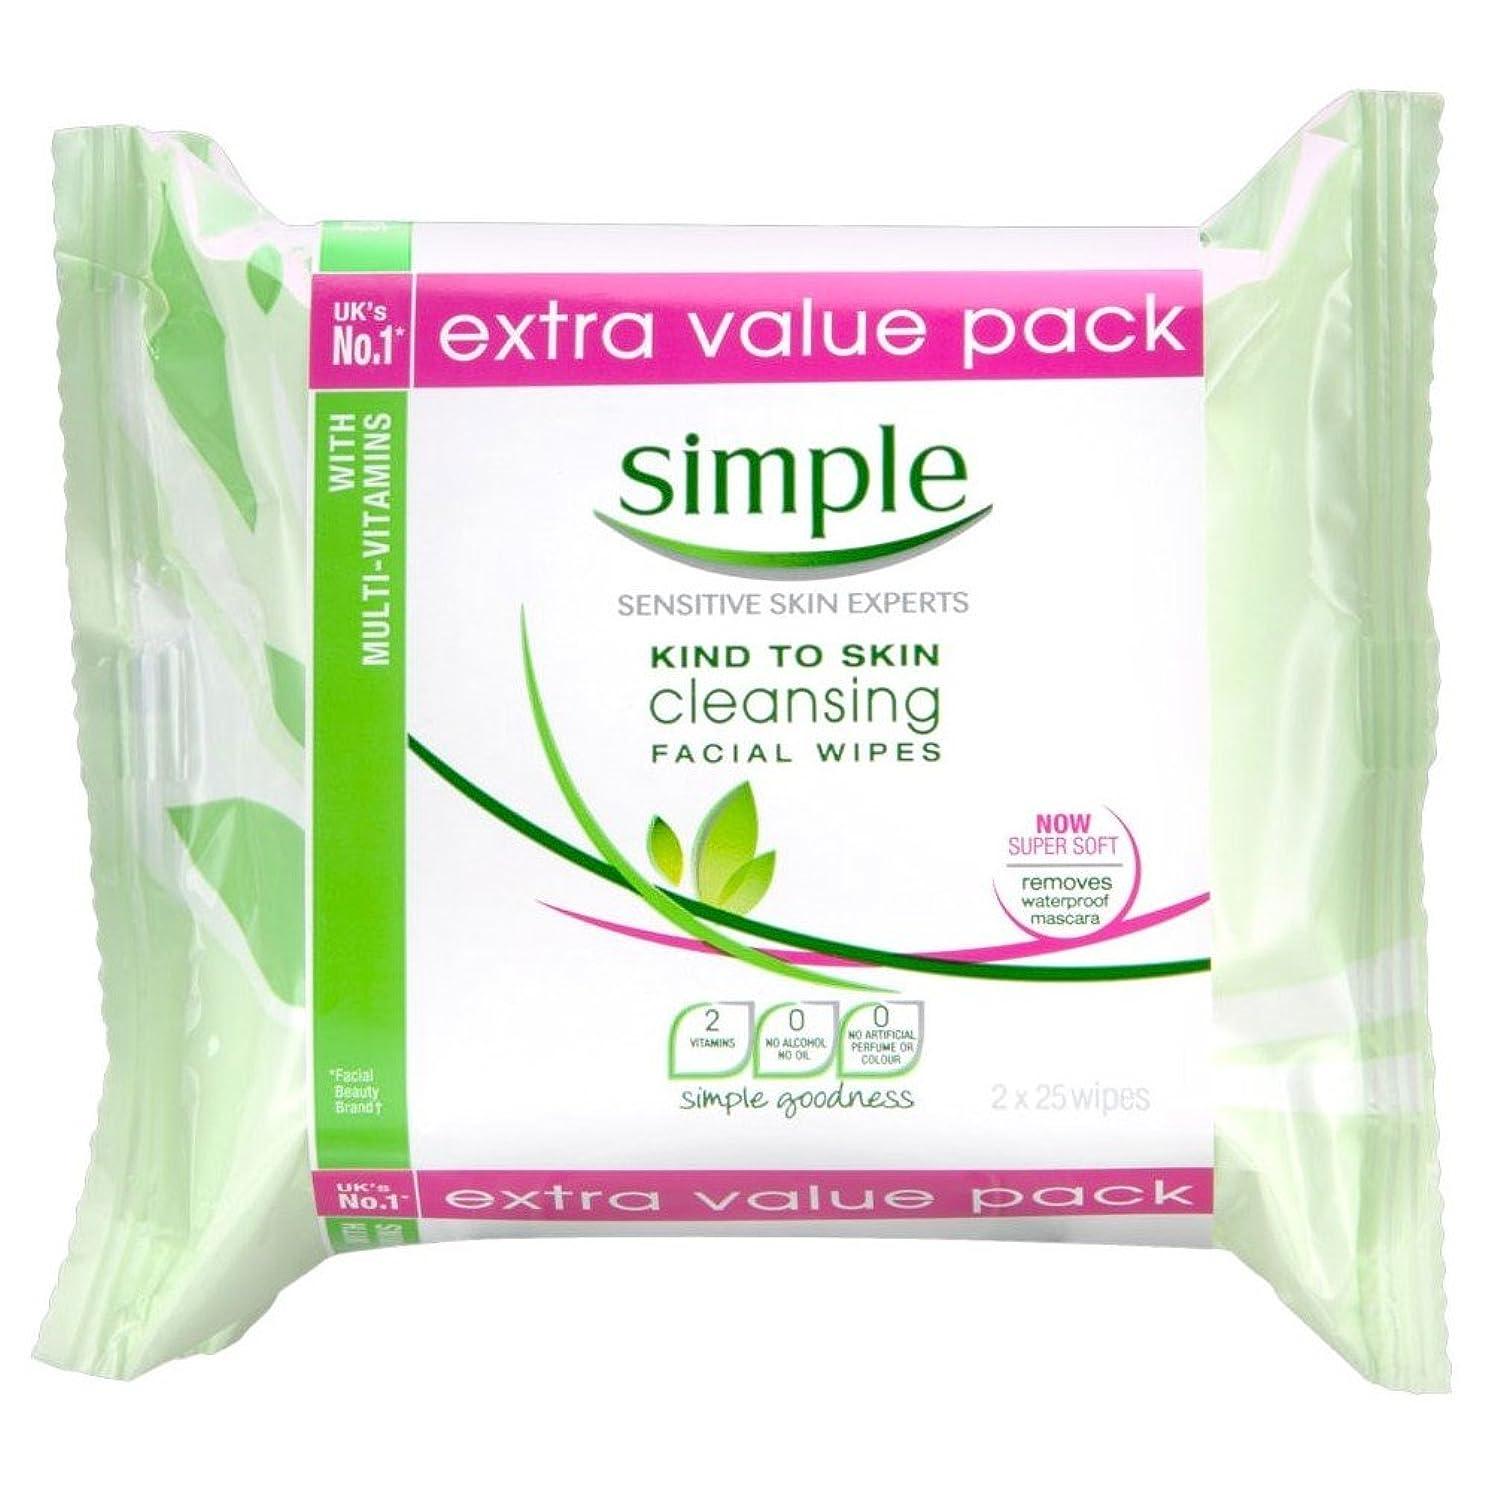 精緻化純粋なオリエンタルSimple Cleansing Facial Wipes (25 per pack x 2) シンプルなクレンジングフェイシャルワイプ(パックあたり25× 2 ) [並行輸入品]